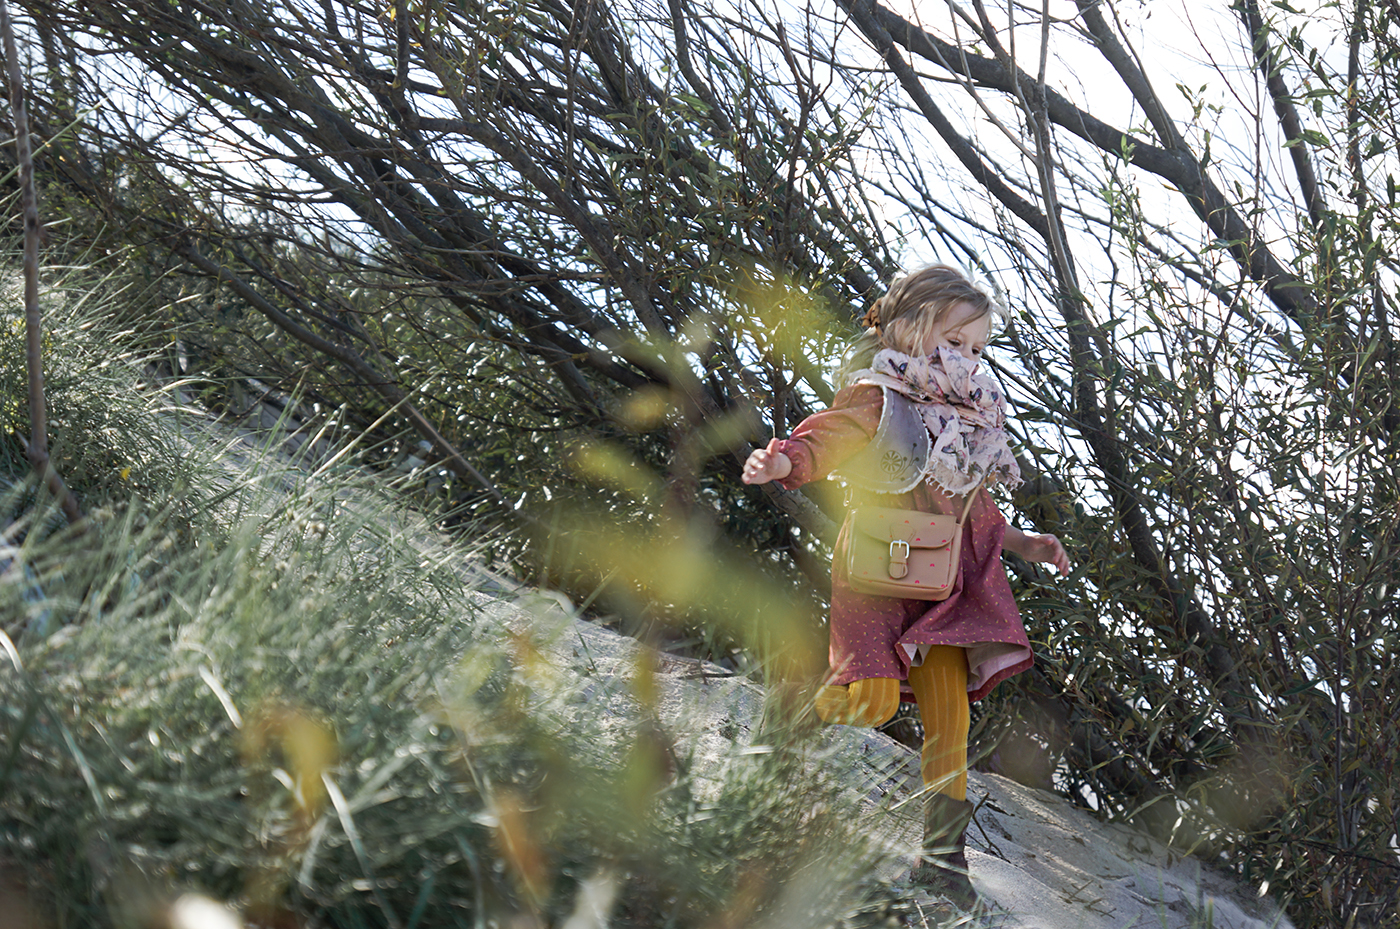 moda dziecięca, blog moda dziecięca, jesień, wikilistka, grain de chic, marsala, sukienka na jesień